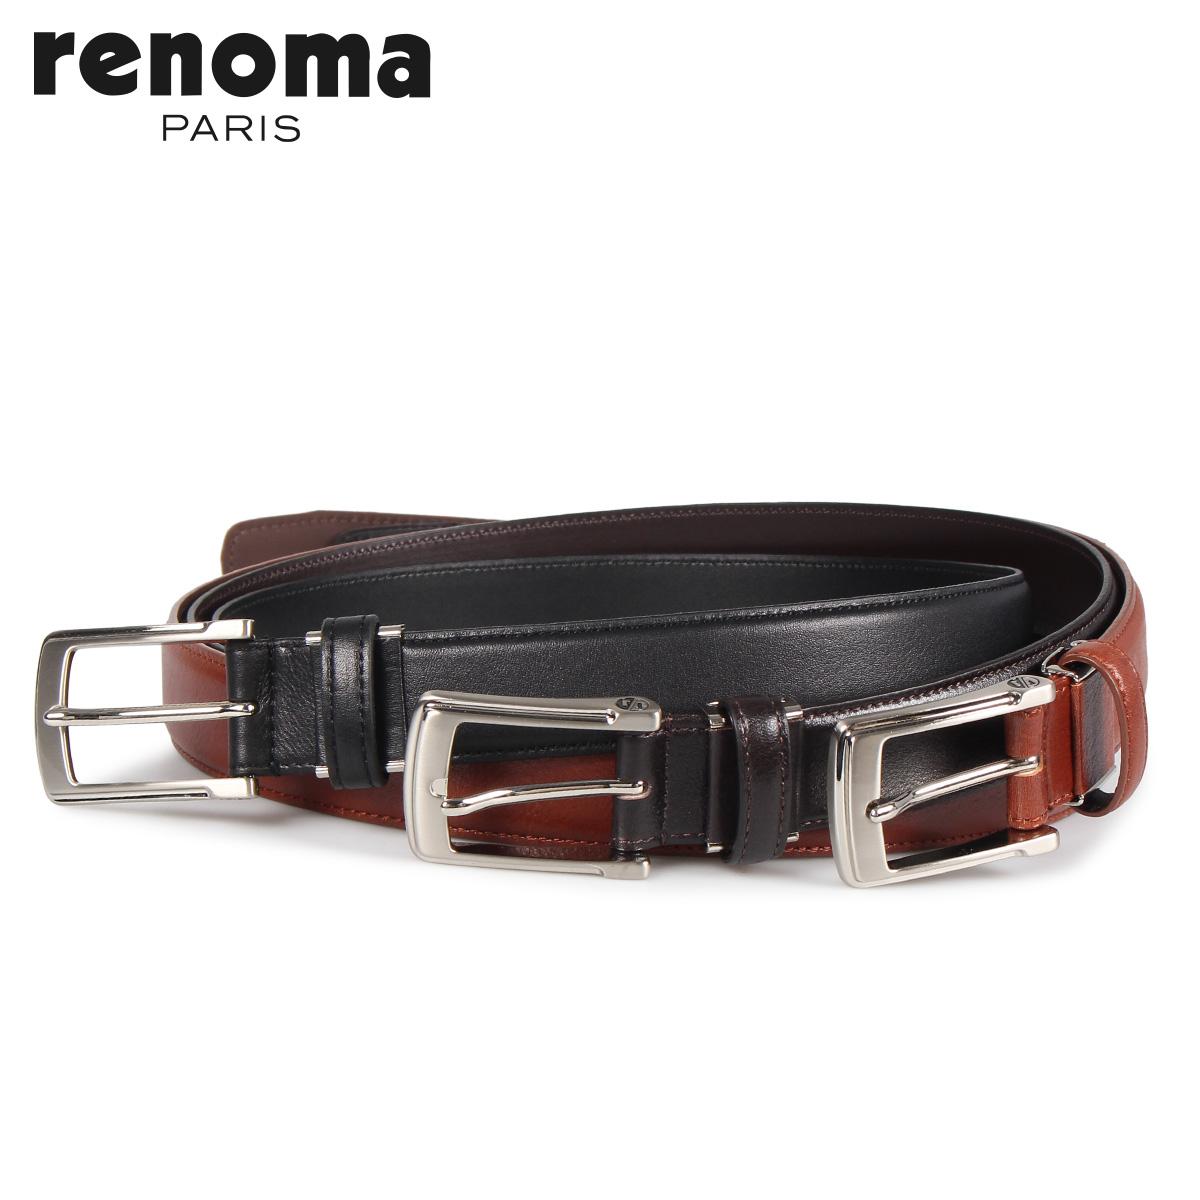 RENOMA レノマ ベルト レザーベルト メンズ 本革 LEATHER BELT ブラック ブラウン ダーク ブラウン 黒 RE-205092 [10/15 新入荷]